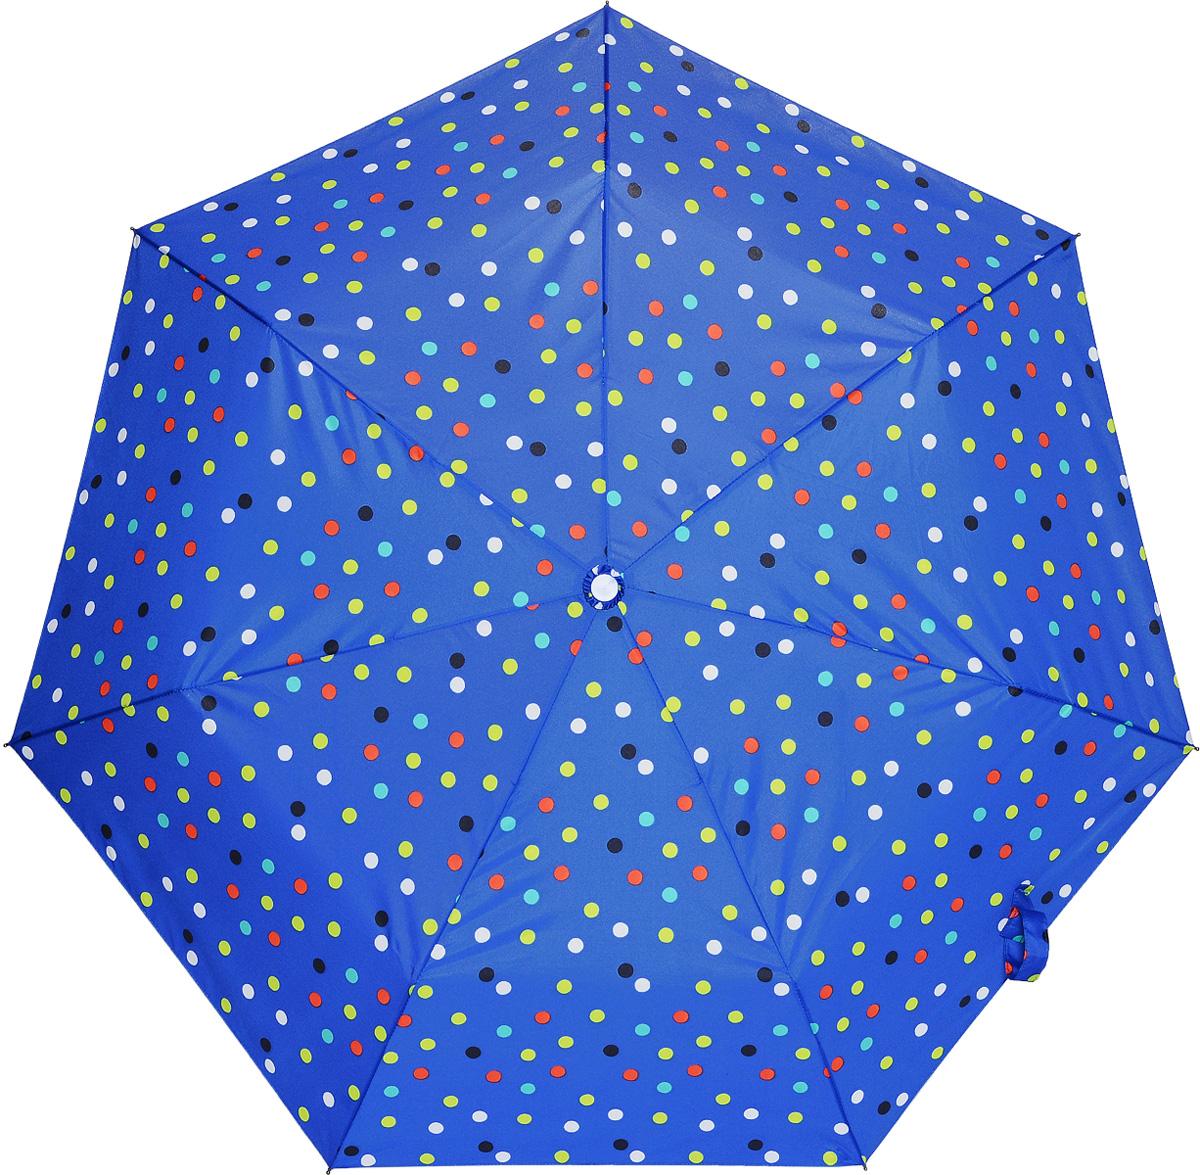 C-Collection 548-2 Зонт полный автом. 3 сл. жен.548-2Зонт испанского производителя Clima. В производстве зонтов используются современные материалы, что делает зонты легкими, но в то же время крепкими.Полный автомат, 3 сложения, 7 спиц, полиэстер.